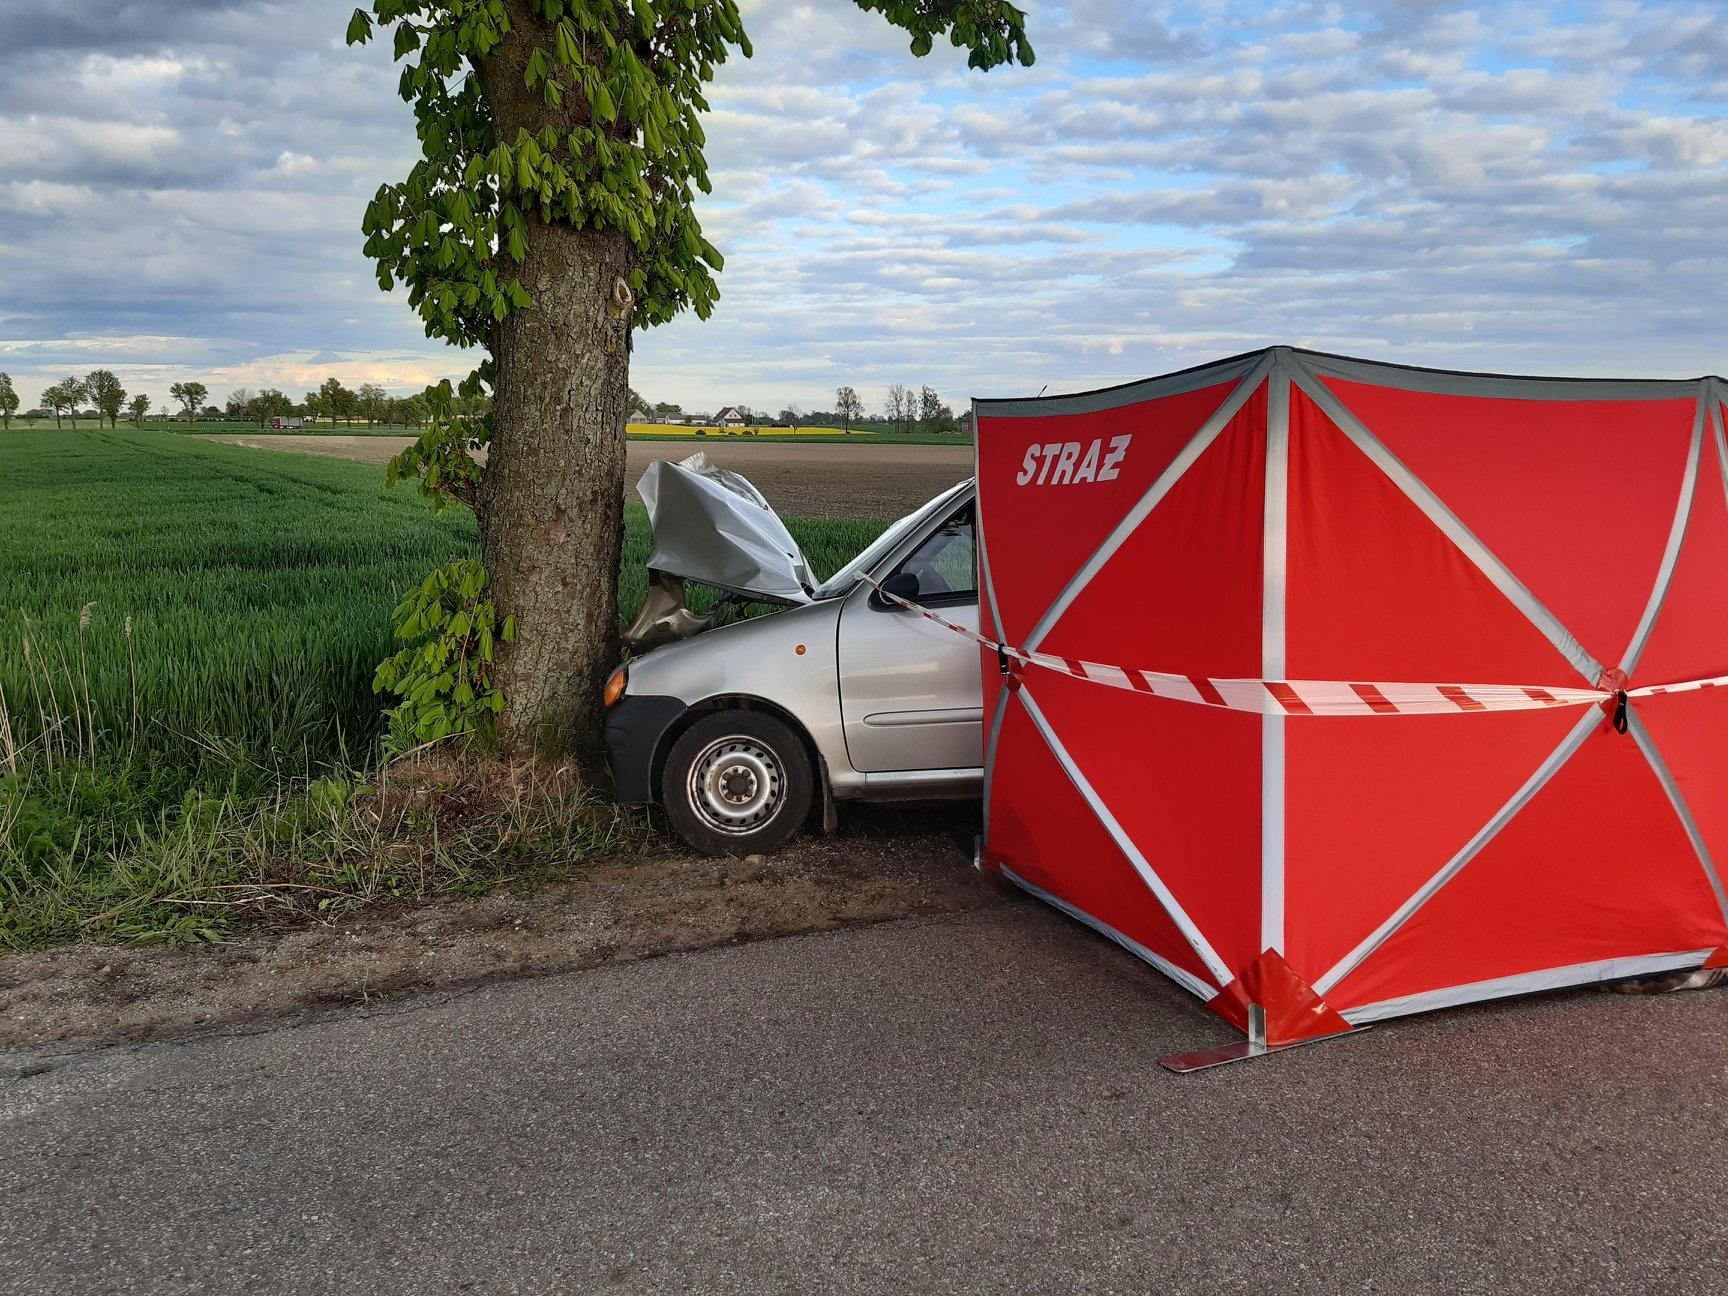 Śmiertelny wypadek we Wróblewie